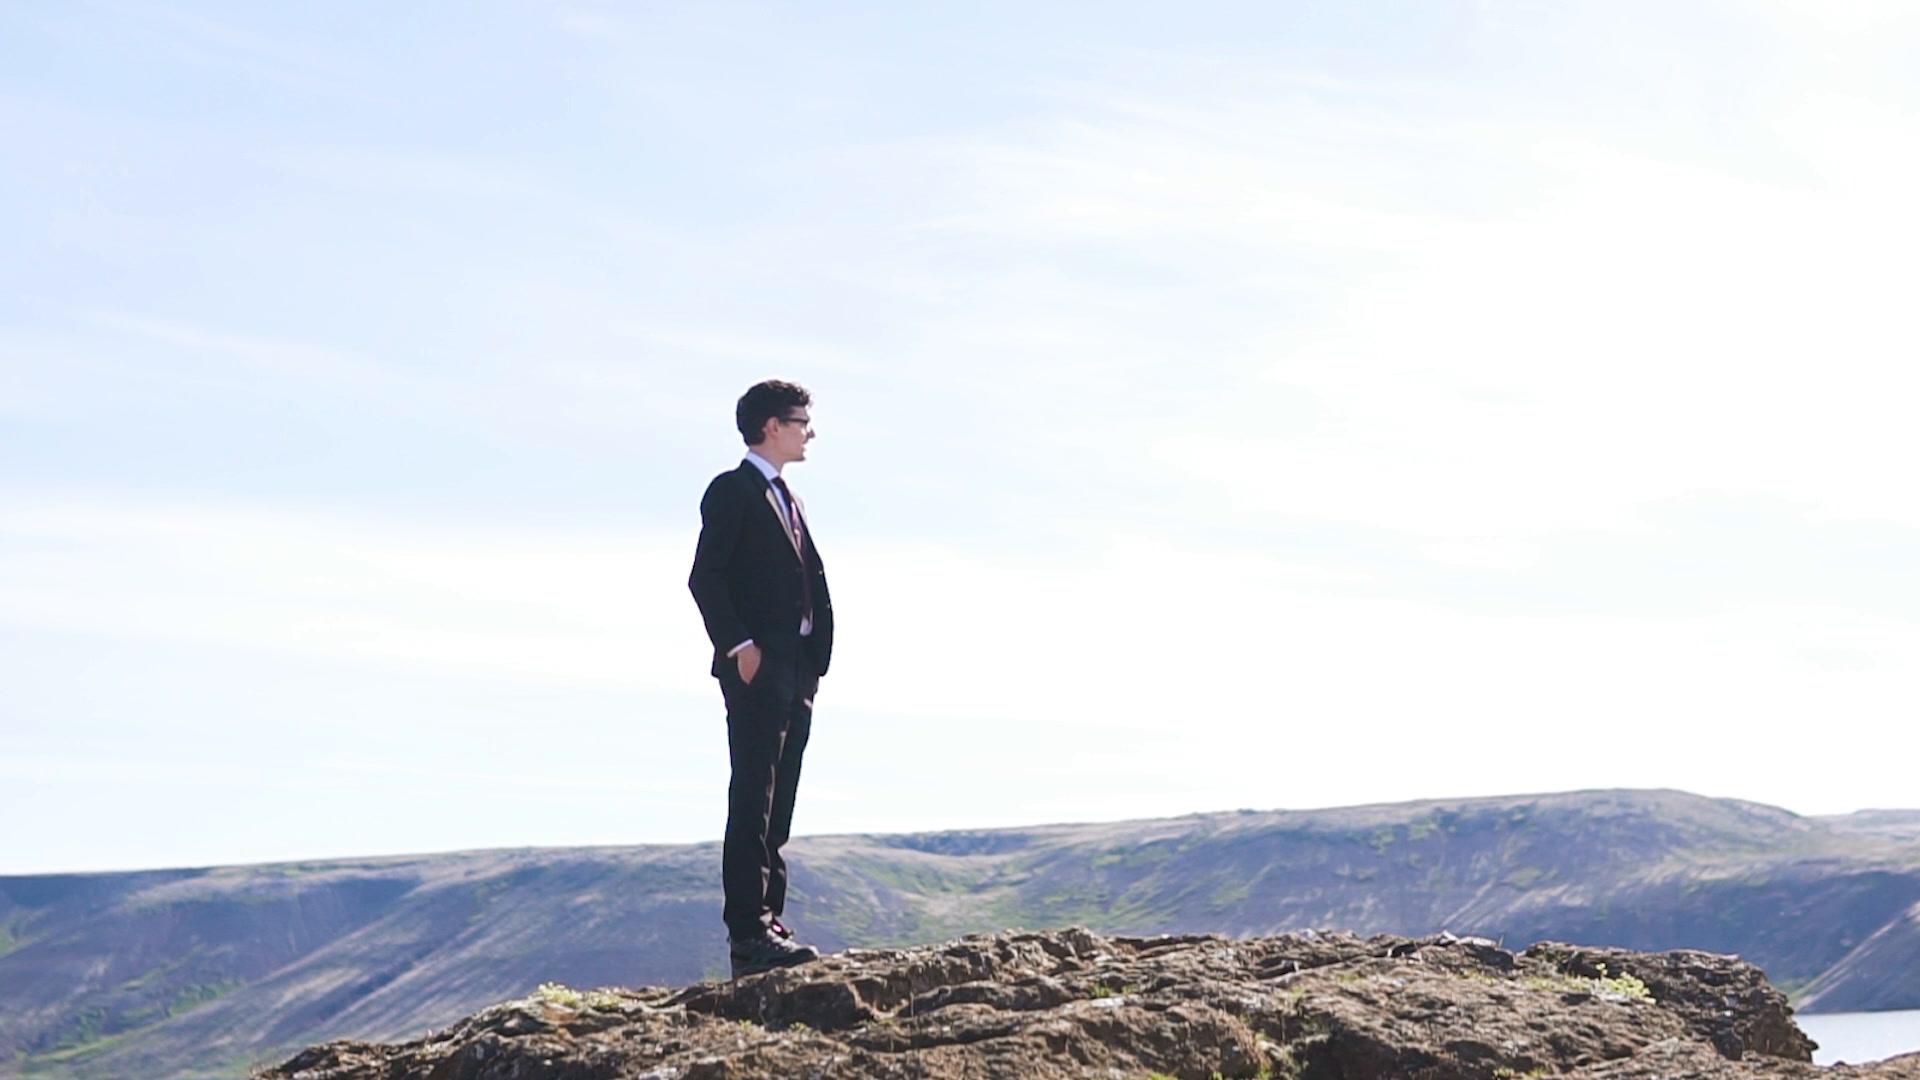 Brandi + Joshua | Iceland, Iceland | Iceland